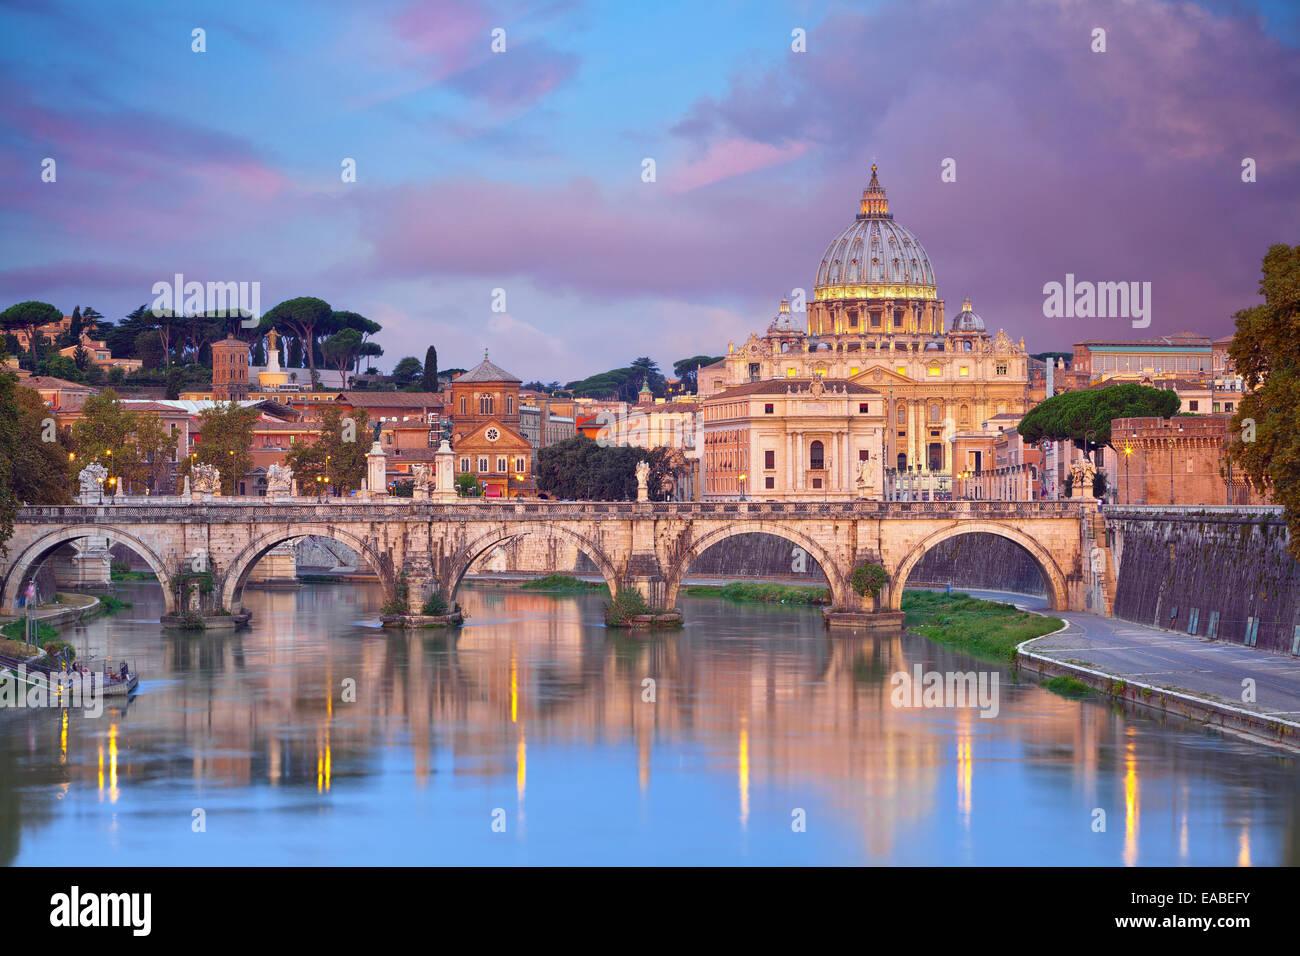 Roma. Vista del Puente Vittorio Emanuele y la catedral de San Pedro en Roma, Italia, durante bellos amaneceres. Imagen De Stock